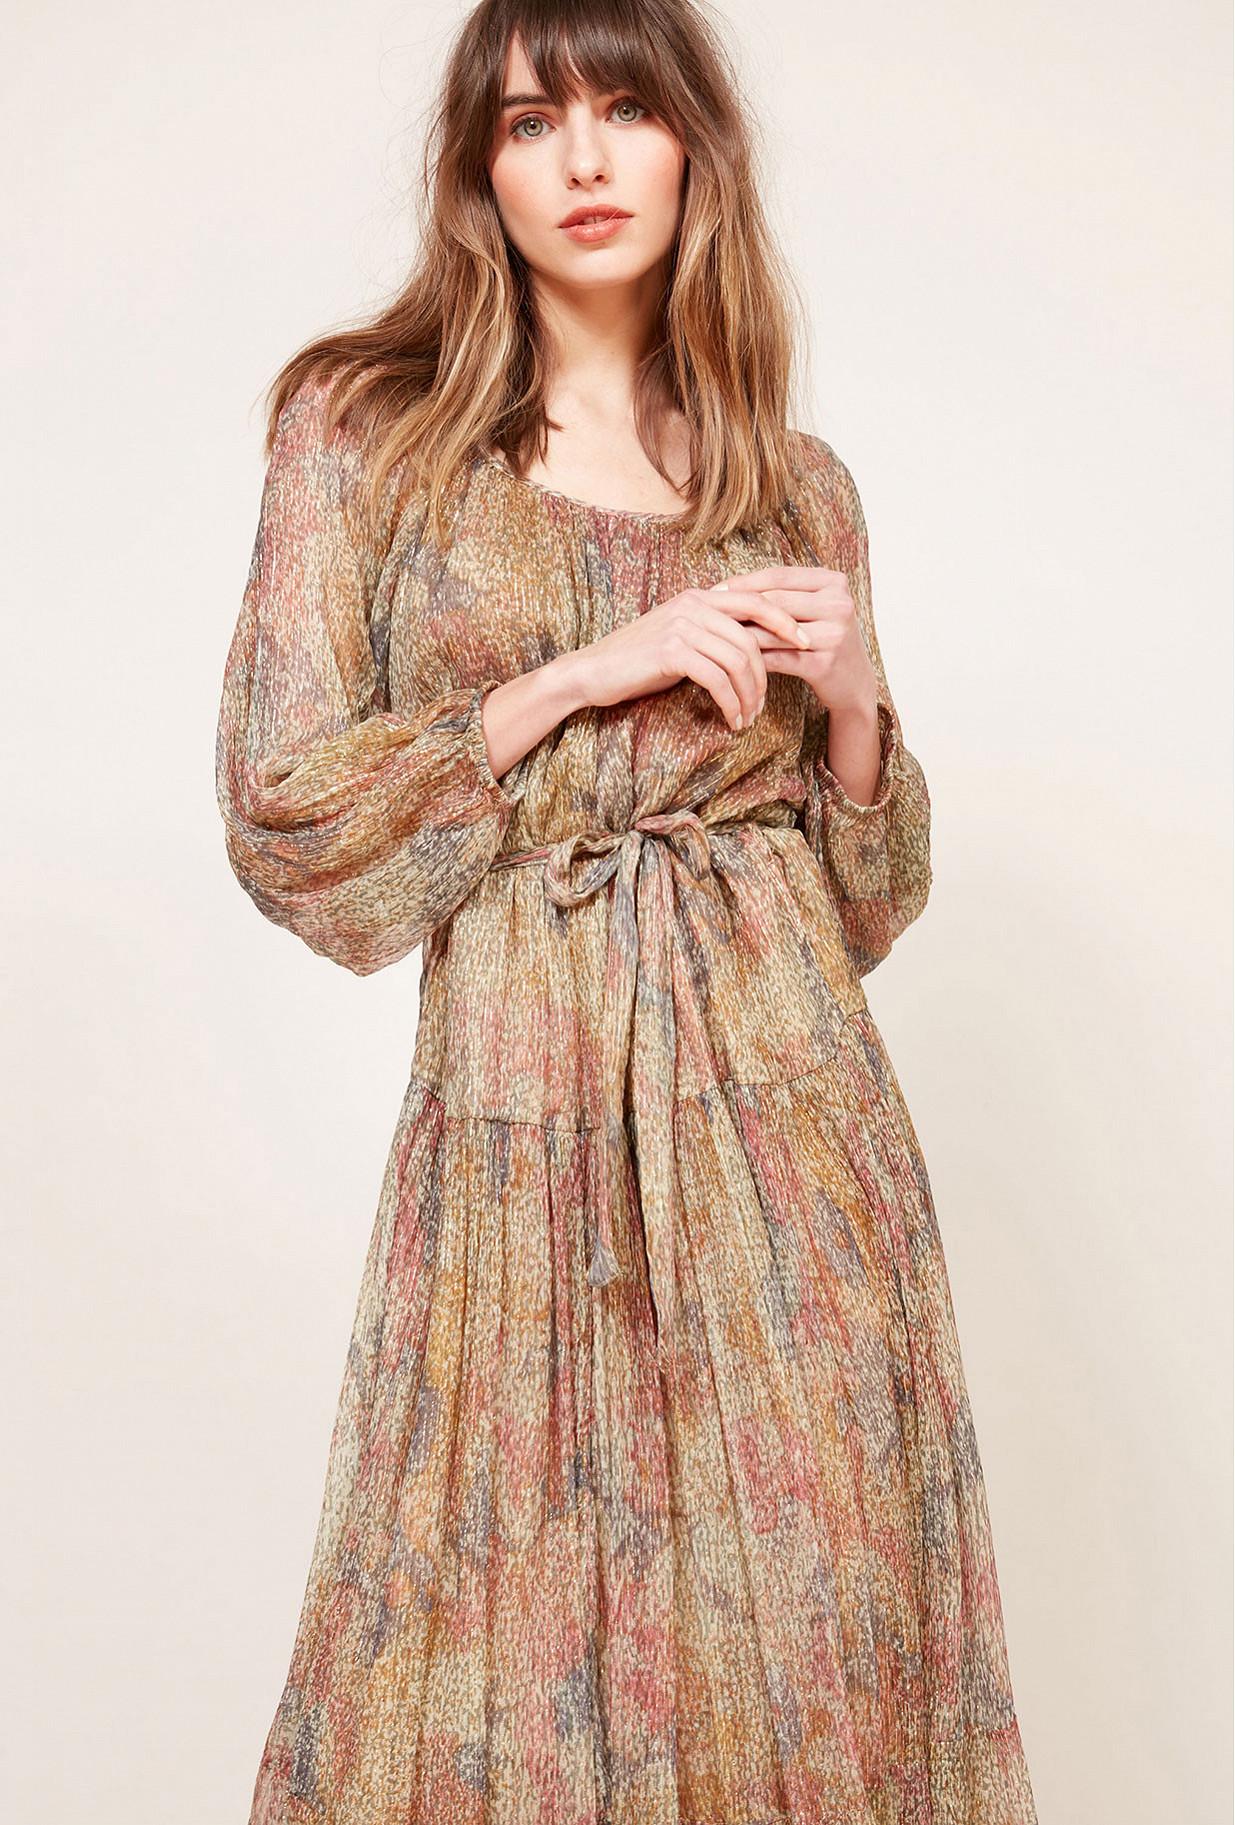 Paris clothes store Dress  Azalea french designer fashion Paris